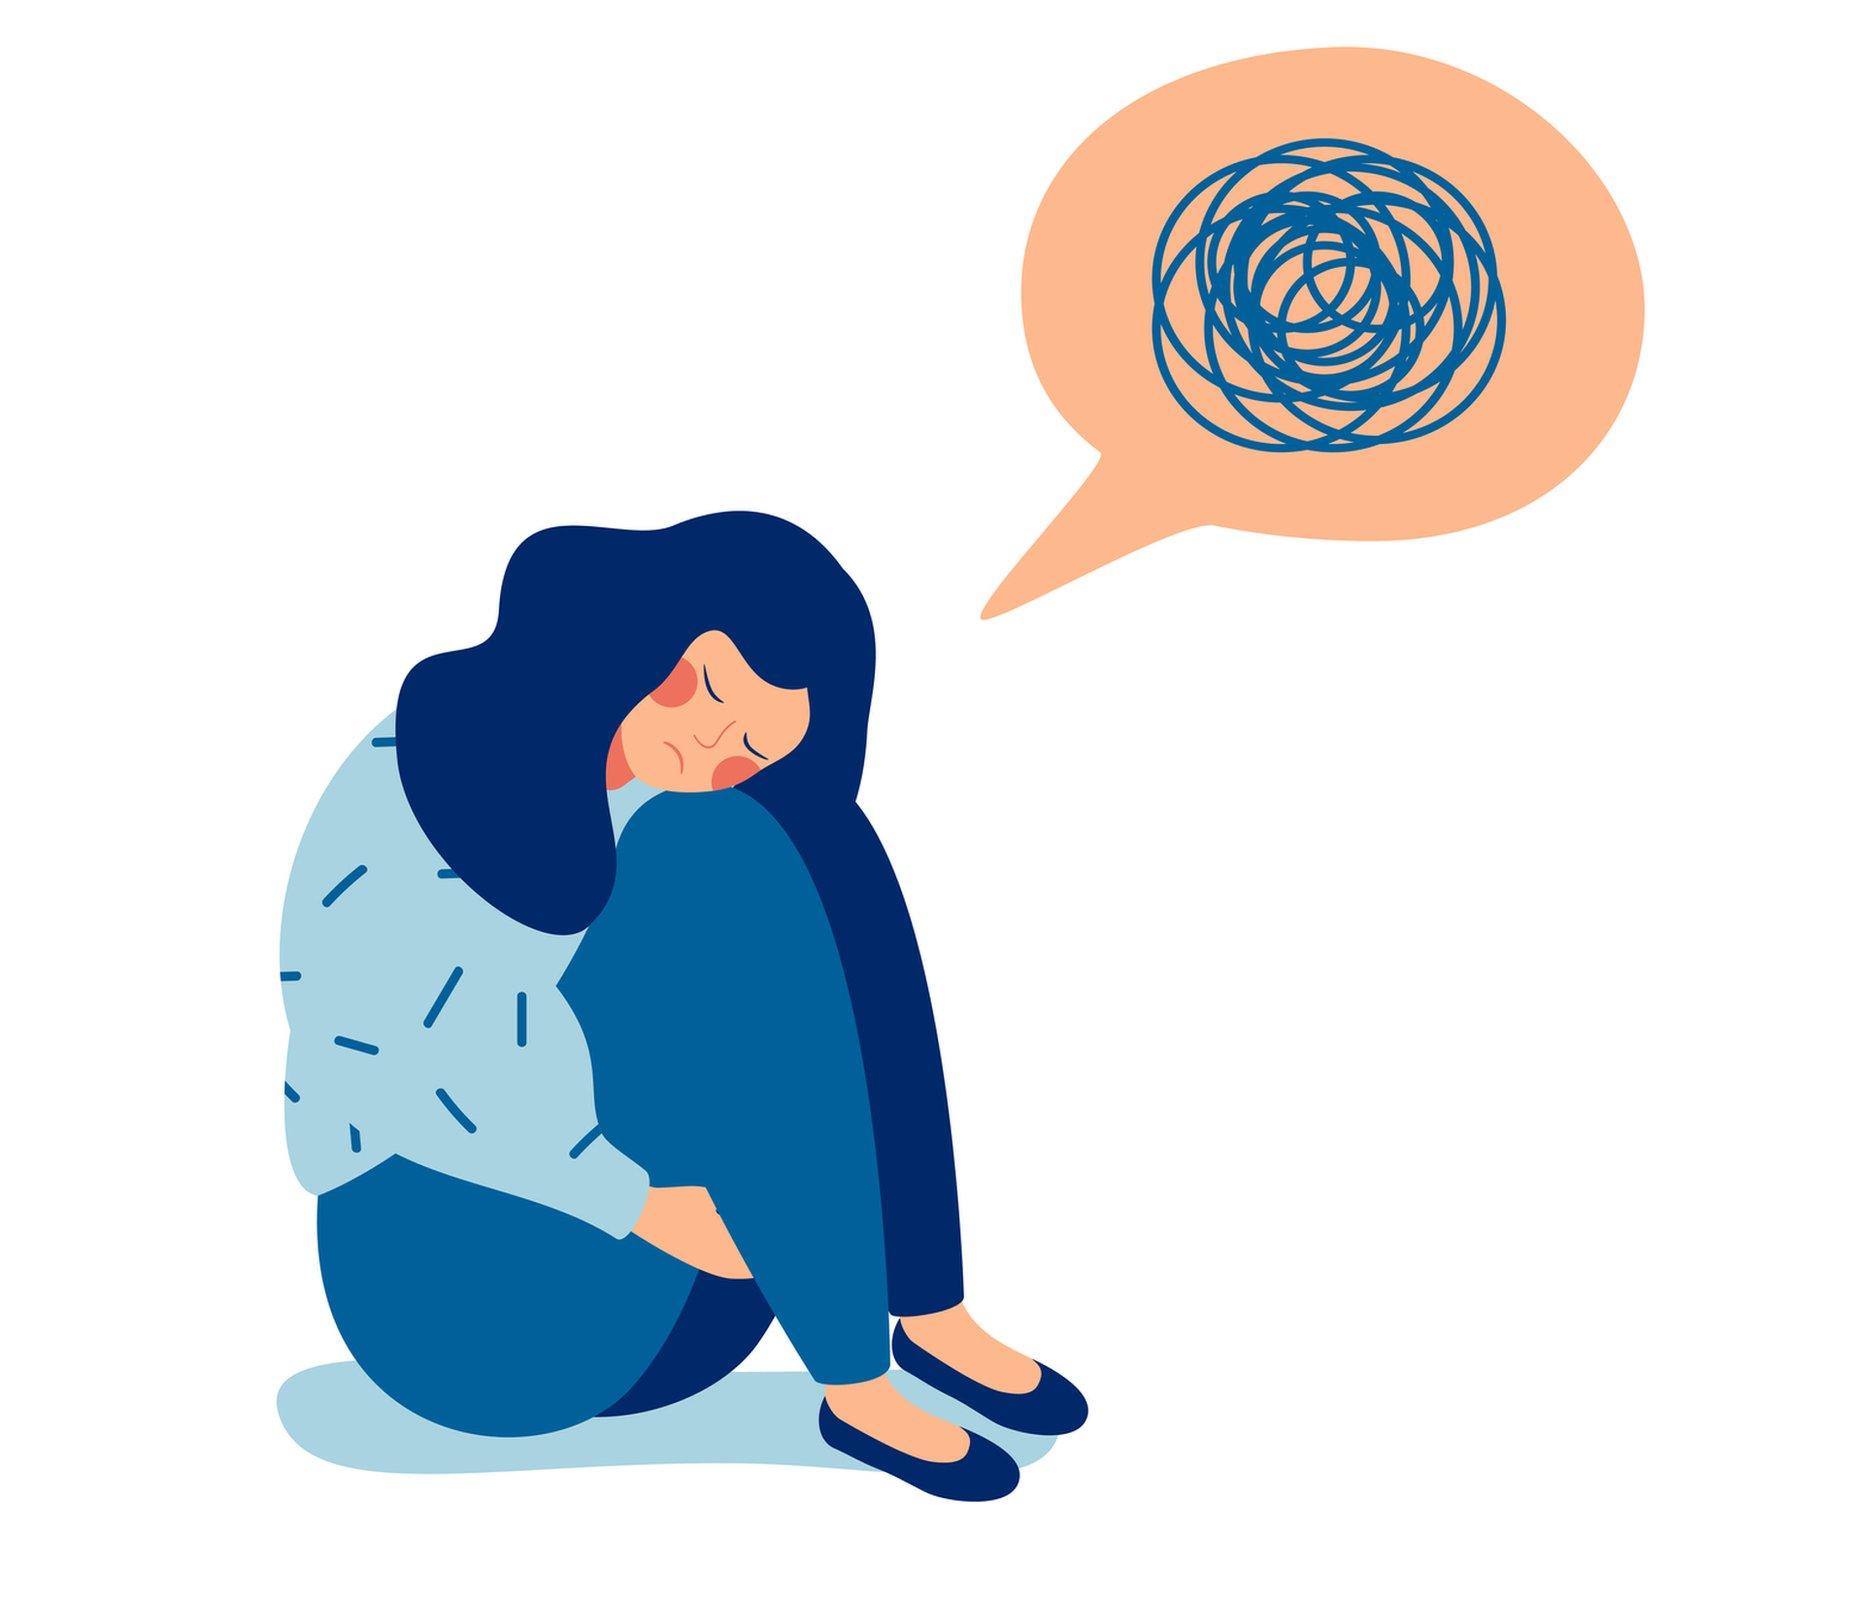 La depresión se puede manifestar de muchas maneras y con nombres muy diversos.